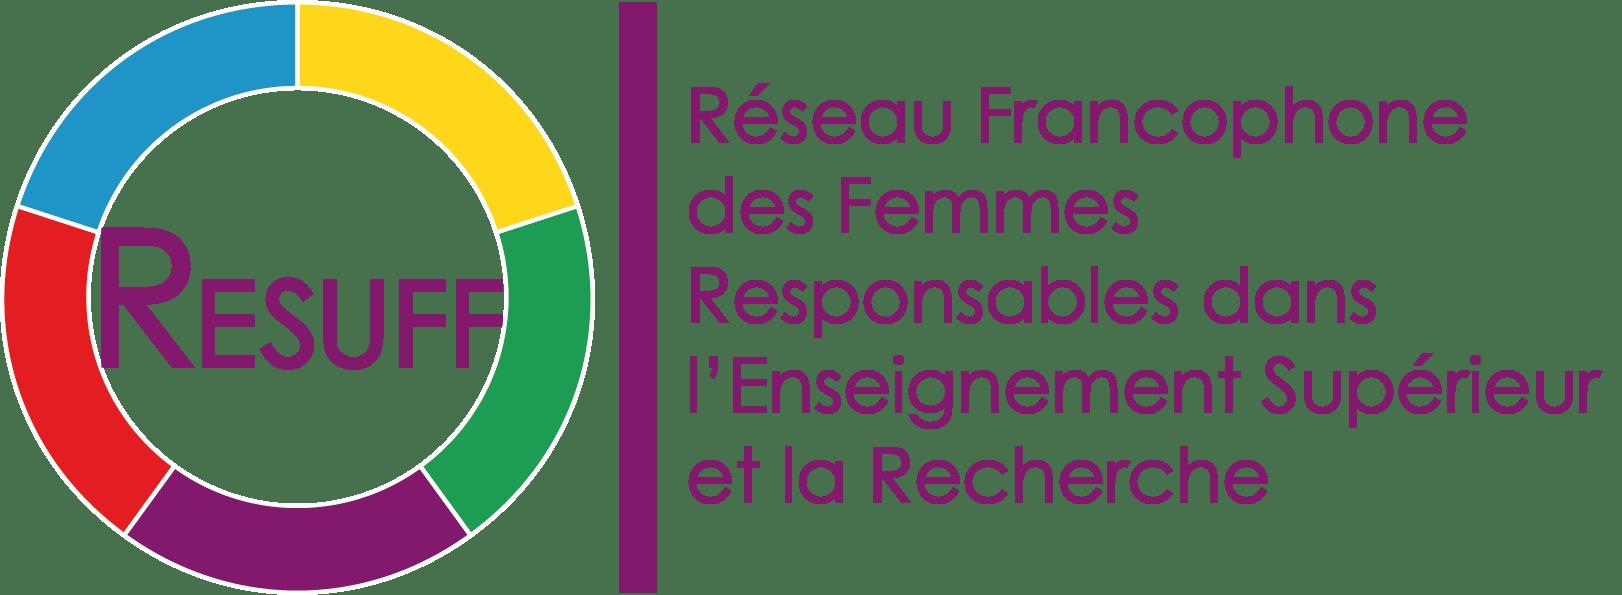 Réseau francophone des femmes responsables dans l'enseignement supérieur et la recherche (RESUFF)